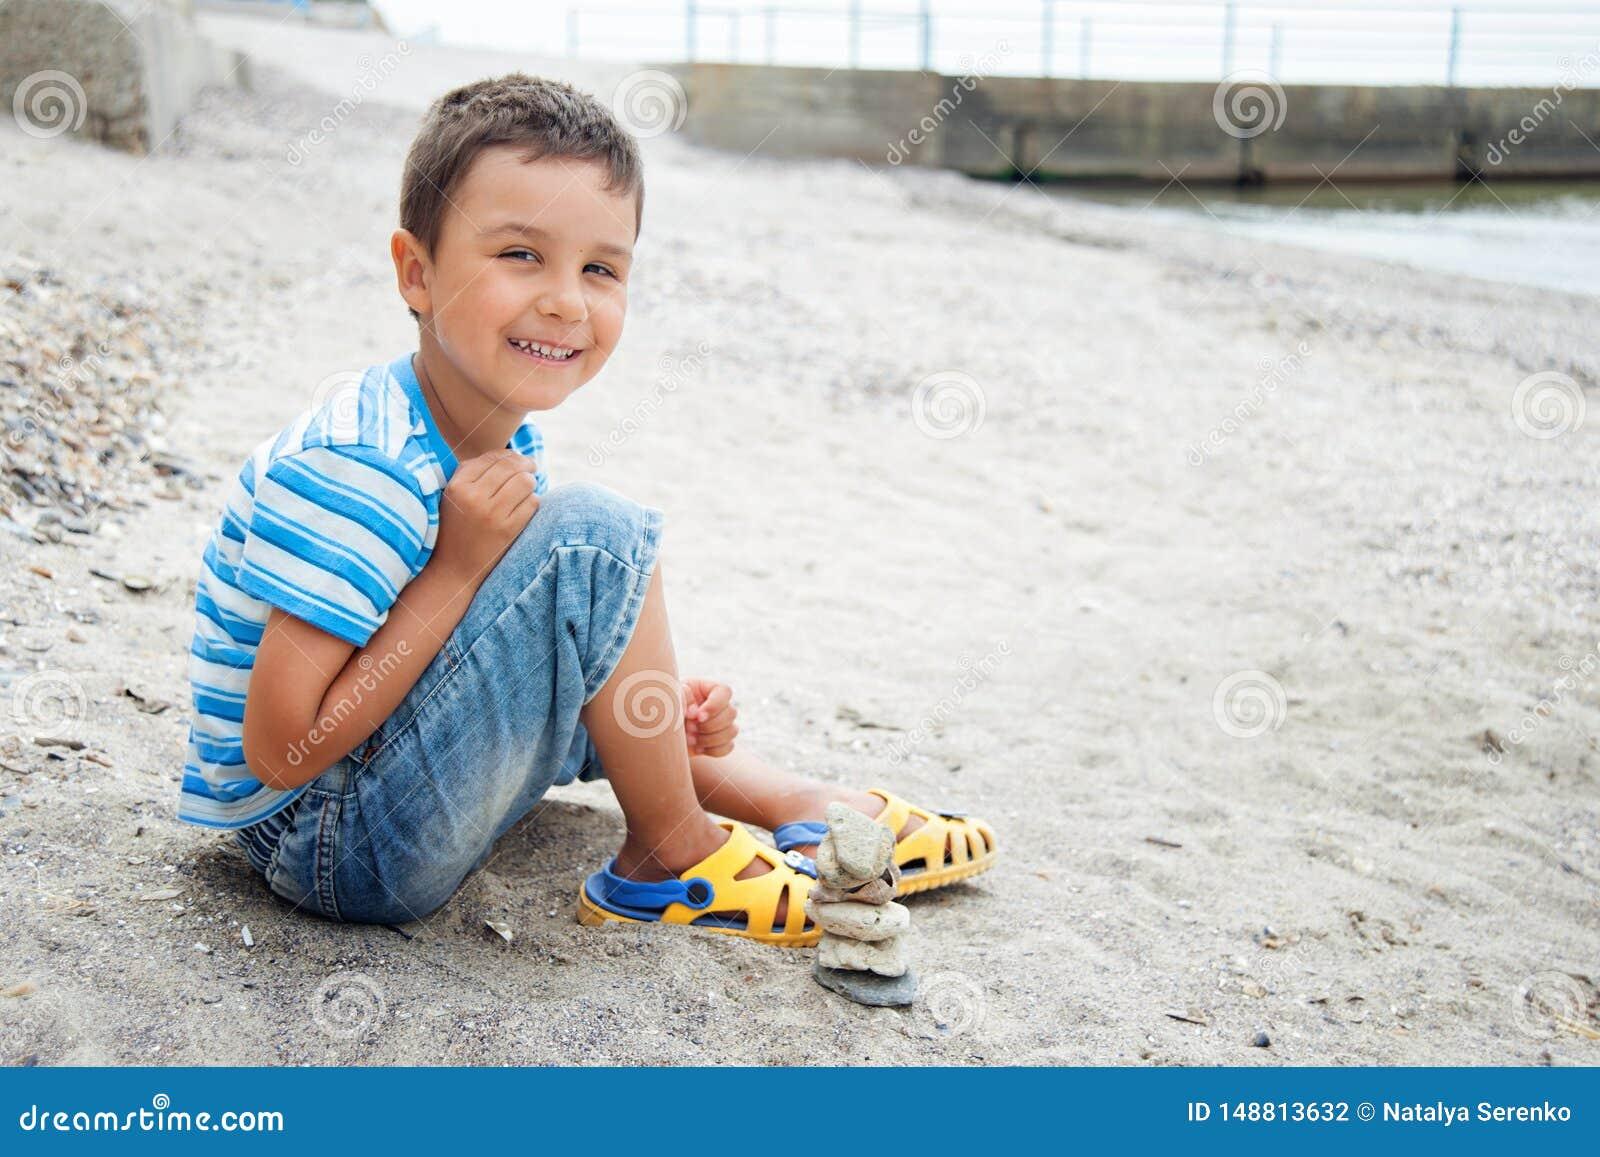 το μικρό παιδί θαλασσίως συλλέγει τα θαλασσινά κοχύλια στην παραλία r E θερινές διακοπές εν πλω ή ωκεανός